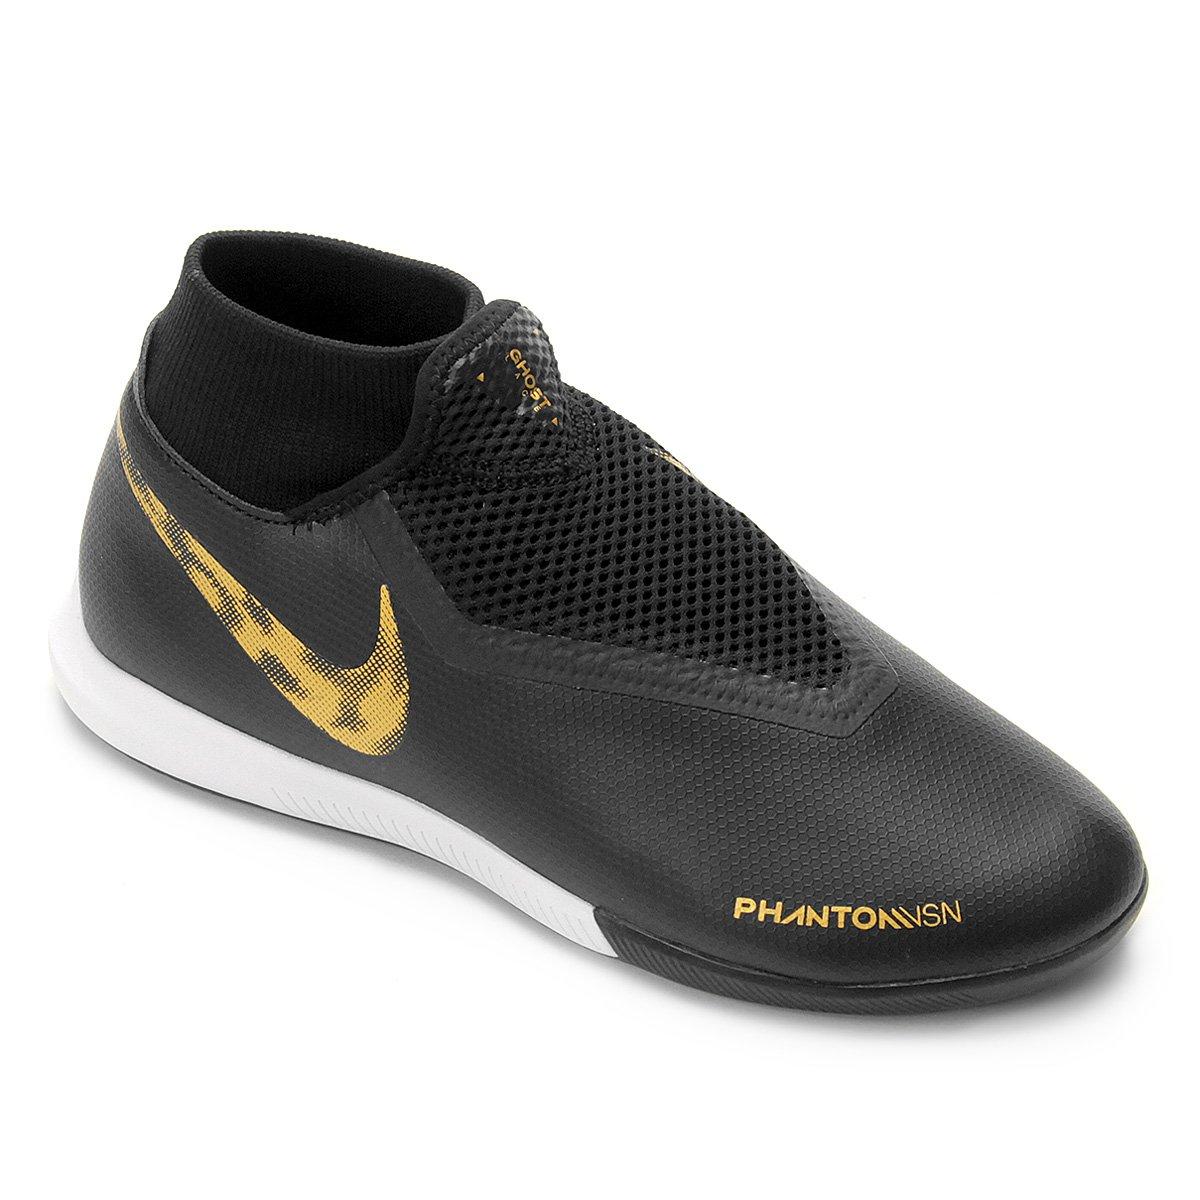 af114a3b06 Chuteira Futsal Nike Phantom Vision Academy DF IC - Preto e Dourado ...